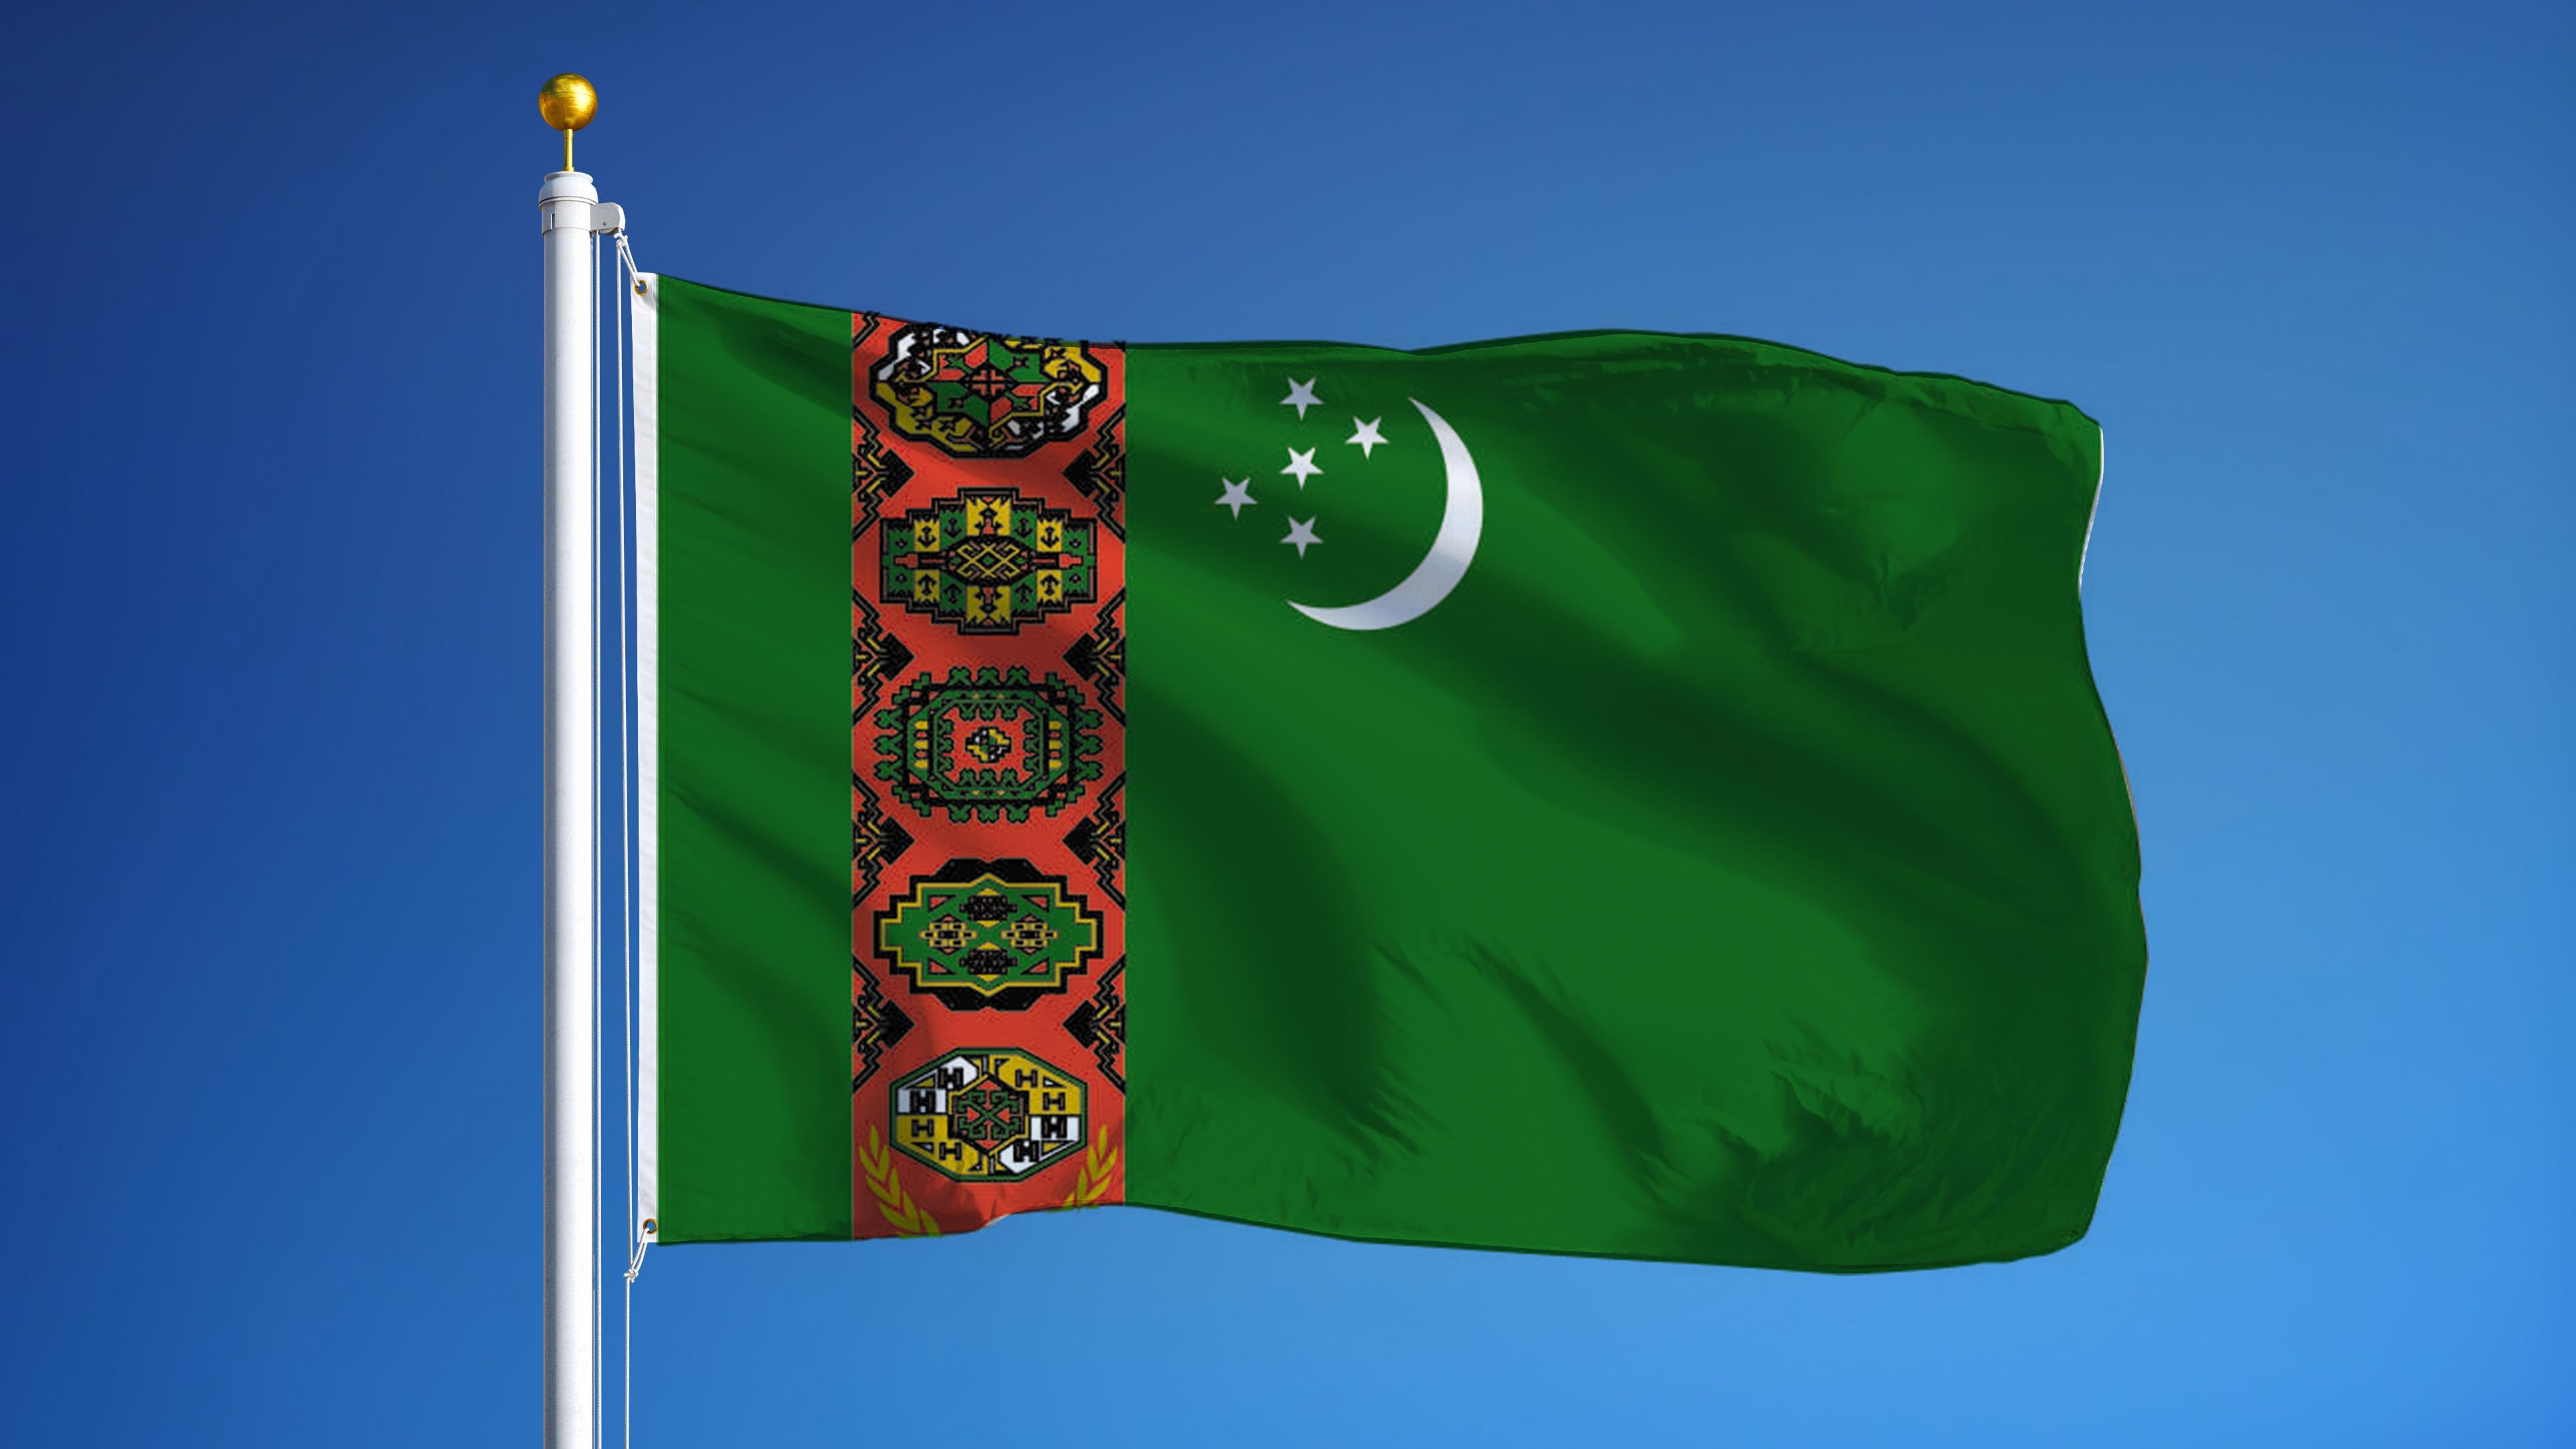 Türkmenistan'ın Başkenti ve Para Birimi Nedir? Türkmenistan'ın Bayrağı Nasıldır?